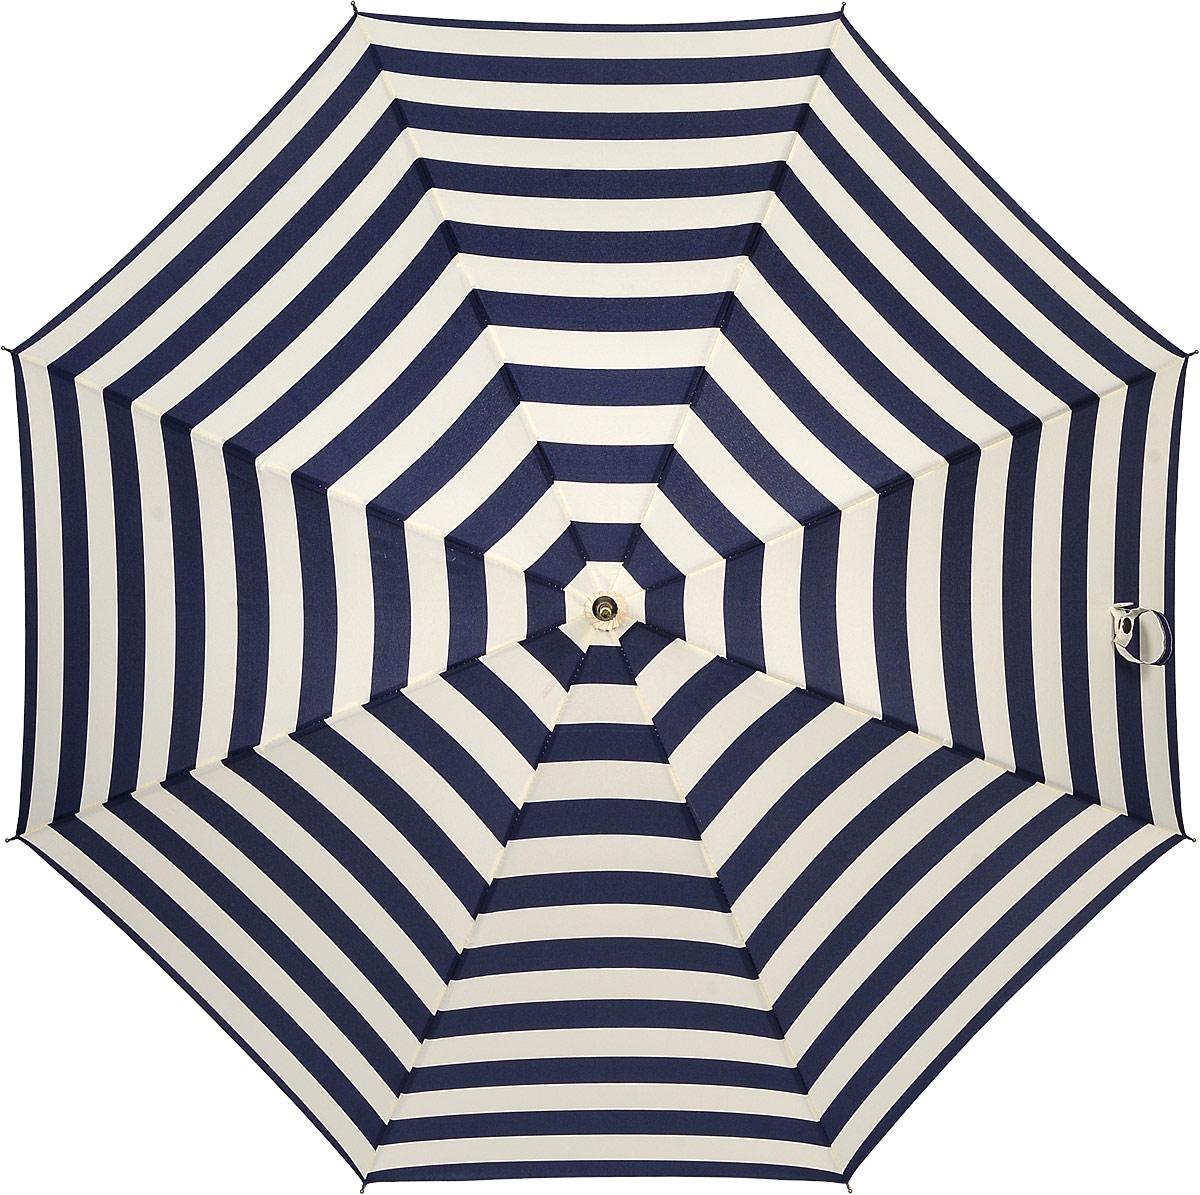 Зонт женский Kawaii Factory Sea-Stripes, цвет: темно-синий, молочный. KW042-000159KW042-000159Элегантный зонт-трость от Kawaii Factory Sea-Stripes оформлен интересным принтом в полоску. Зонт состоит из стержня и 8 спиц, изготовленных из металла. Купол изготовлен из полиэстера, который надежно защитит вас от дождя. Зонт дополнен удобной ручкой, которая выполнена в виде крючка. Также зонт имеет наконечник, который устраняет попадание воды на стержень и уберегает зонт от повреждений. Изделие имеет механический механизм сложения.